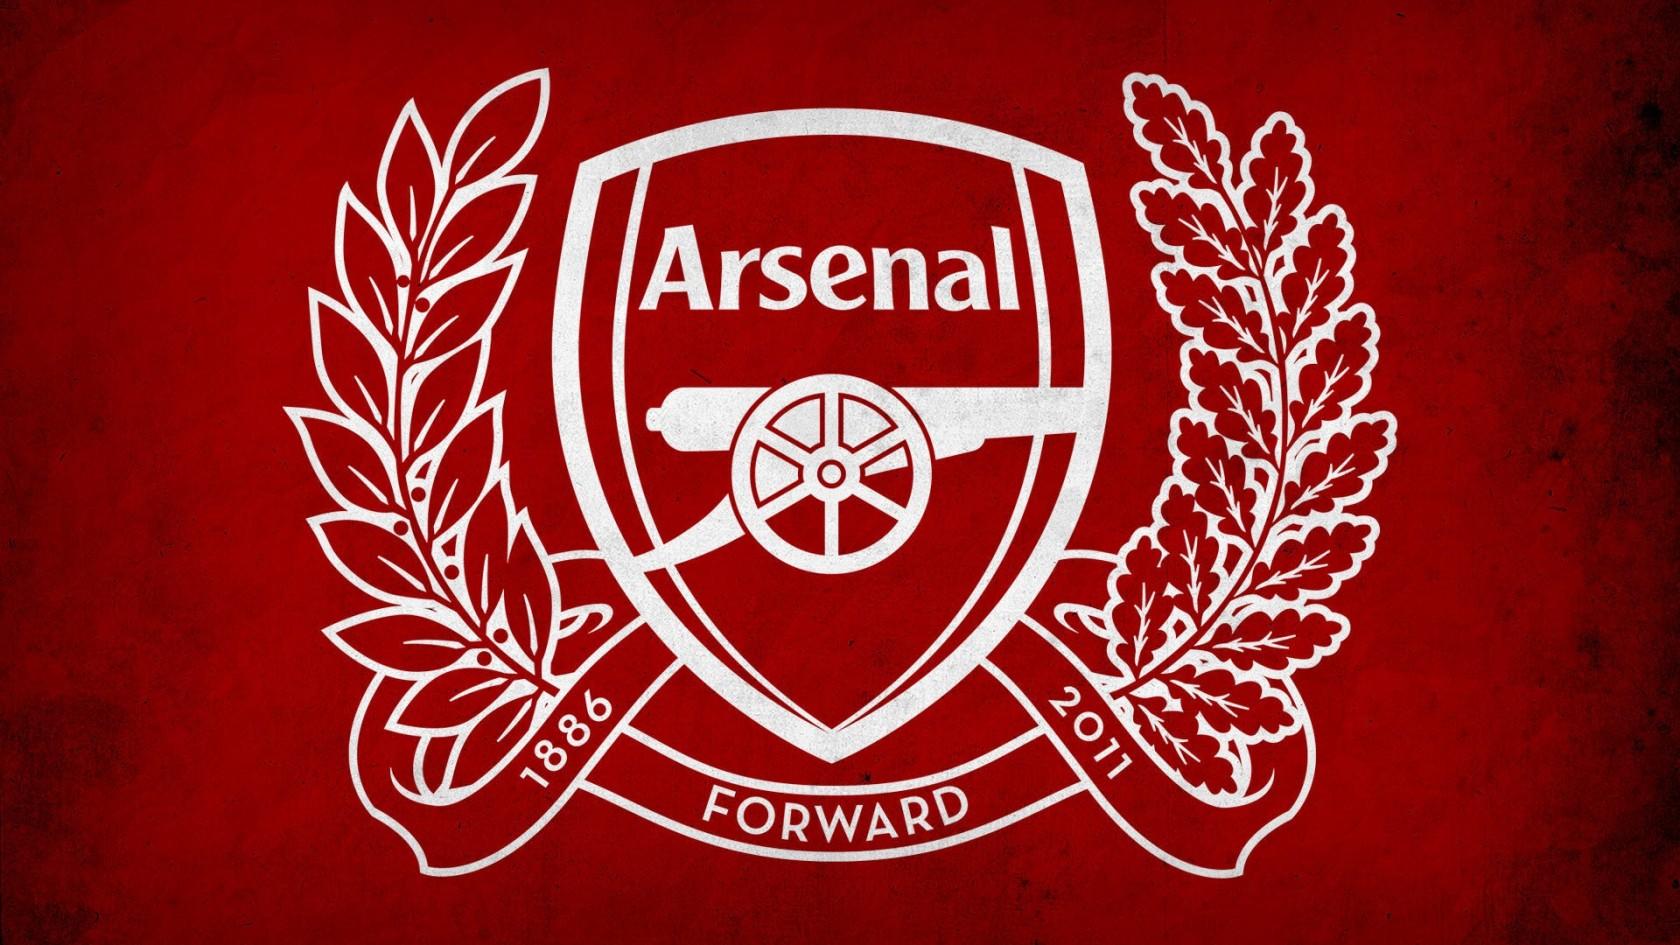 Arsenal-FC-Logo-2013-HD-Wallpaper